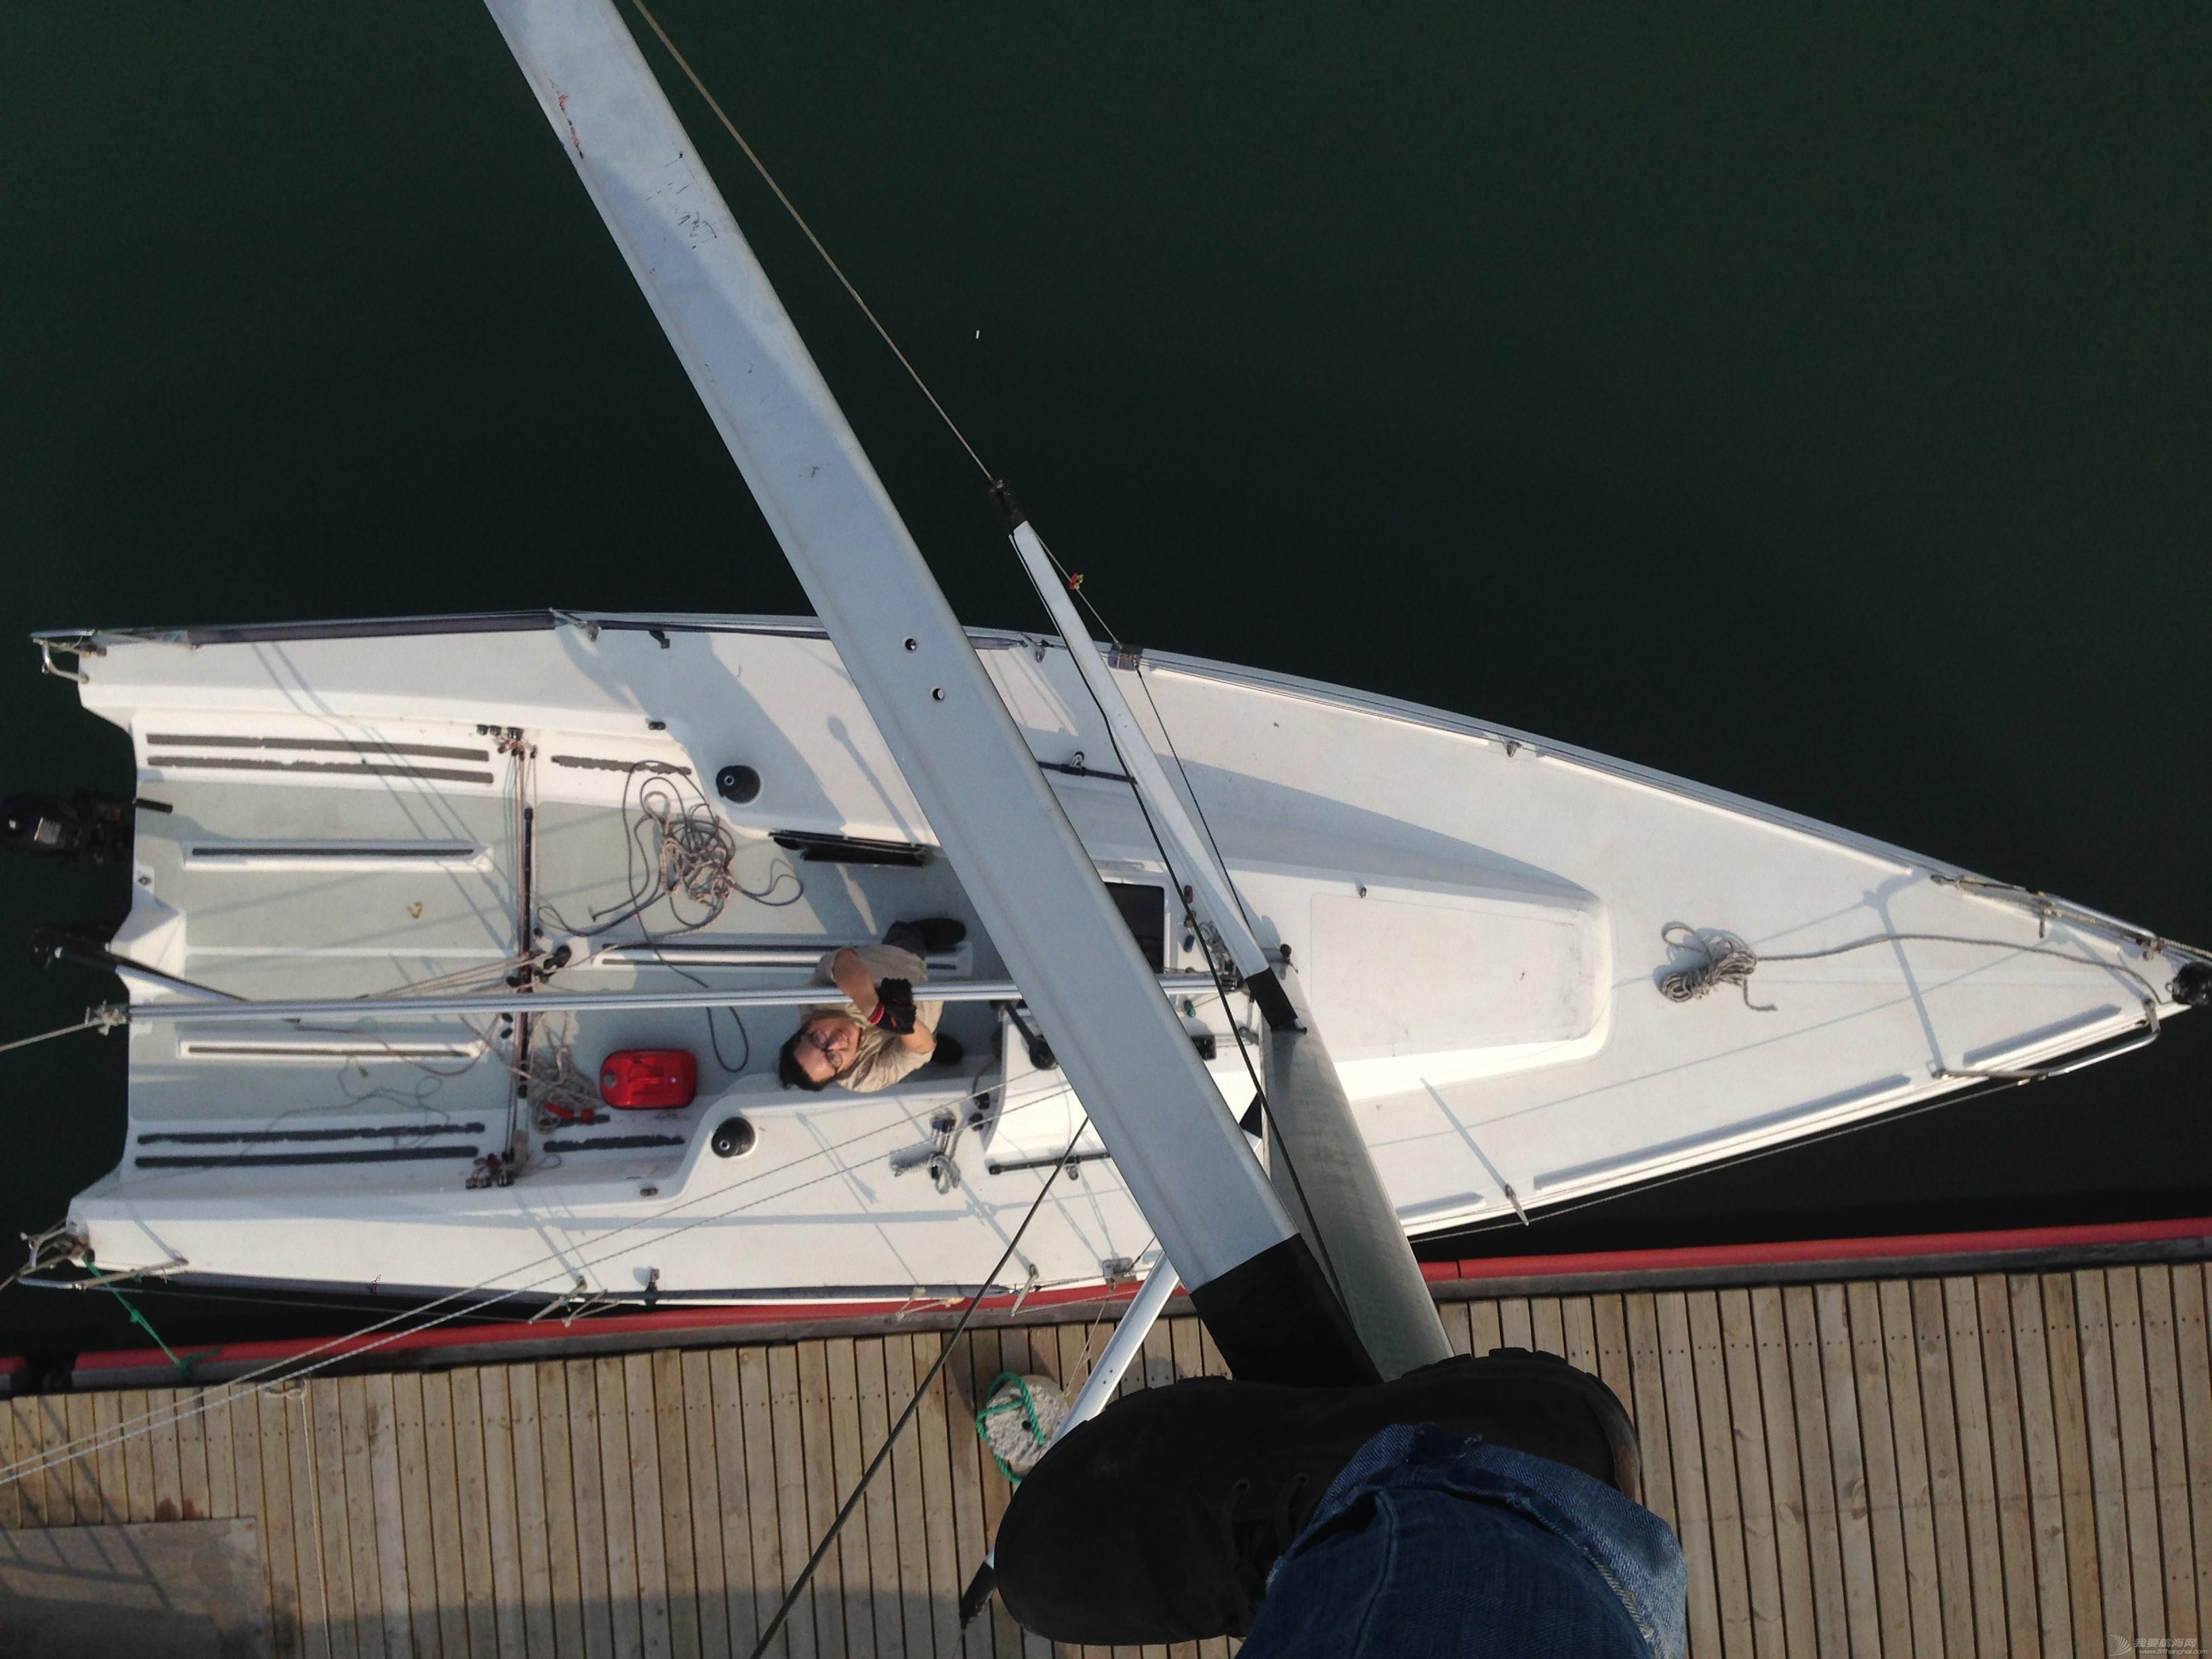 帆船 3000元6天全方位纯海上实操帆船培训课[威海] 帆船驾驶培训